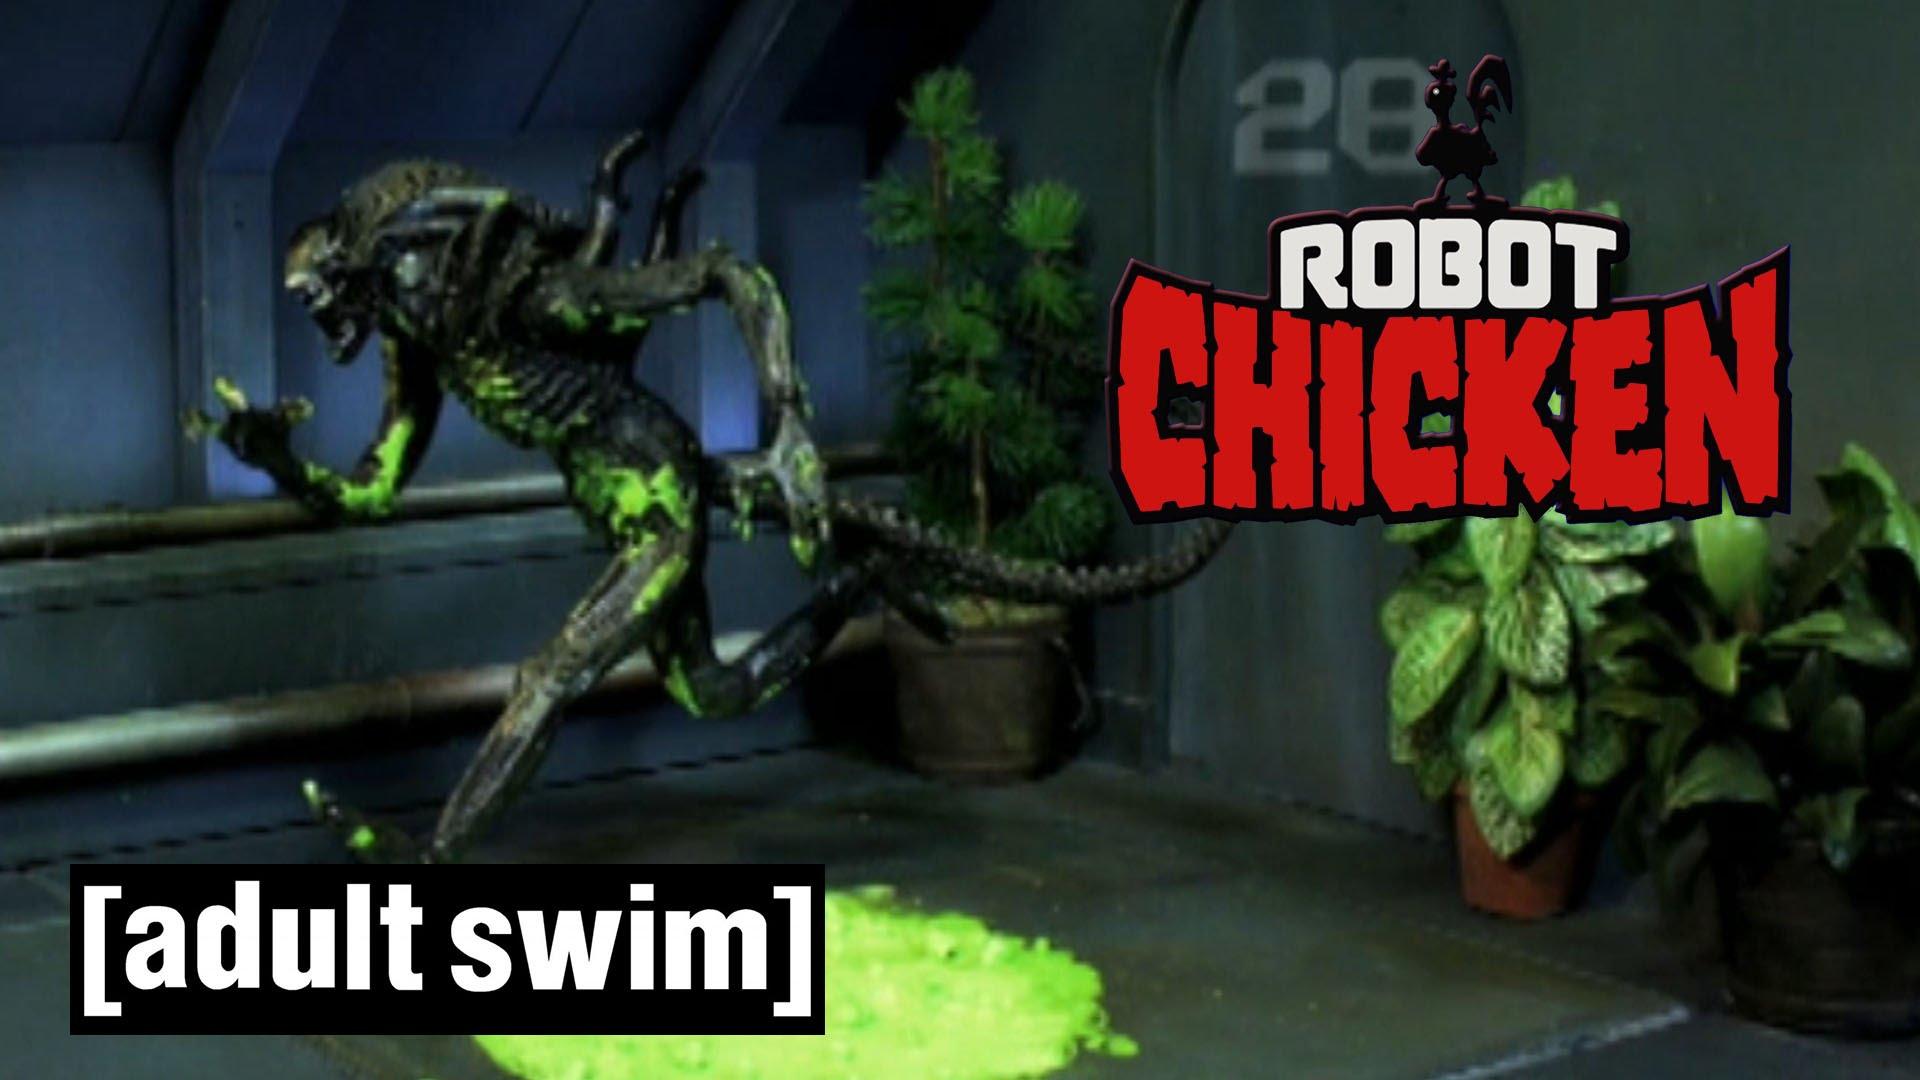 """Erinnert ihr euch noch an """"Alien"""", die klassische Comedy von Ridley Scott? Robot Chicken erinnert sich."""